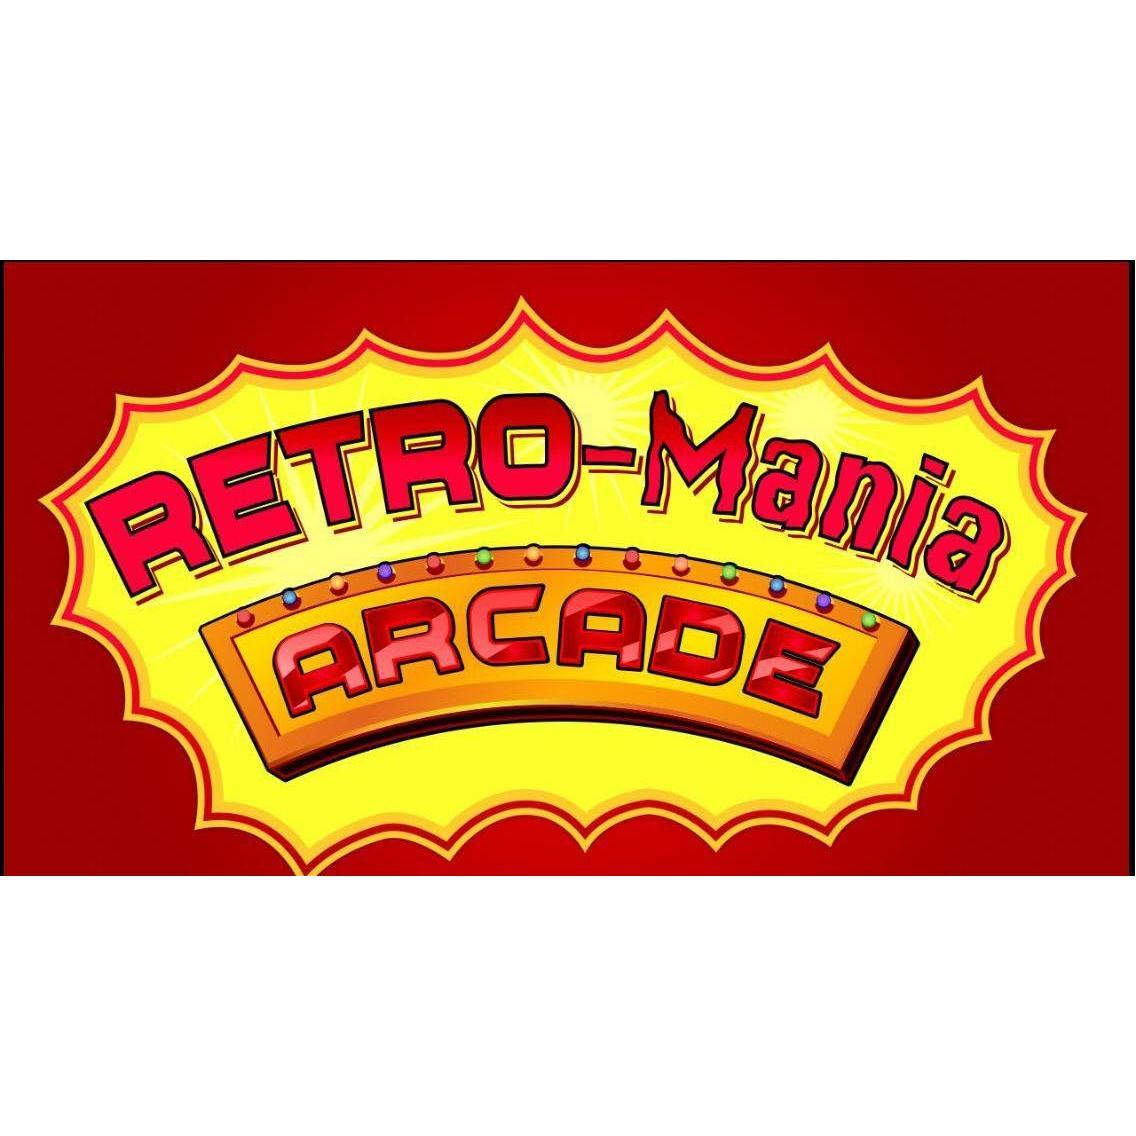 Retro-Mania Arcade